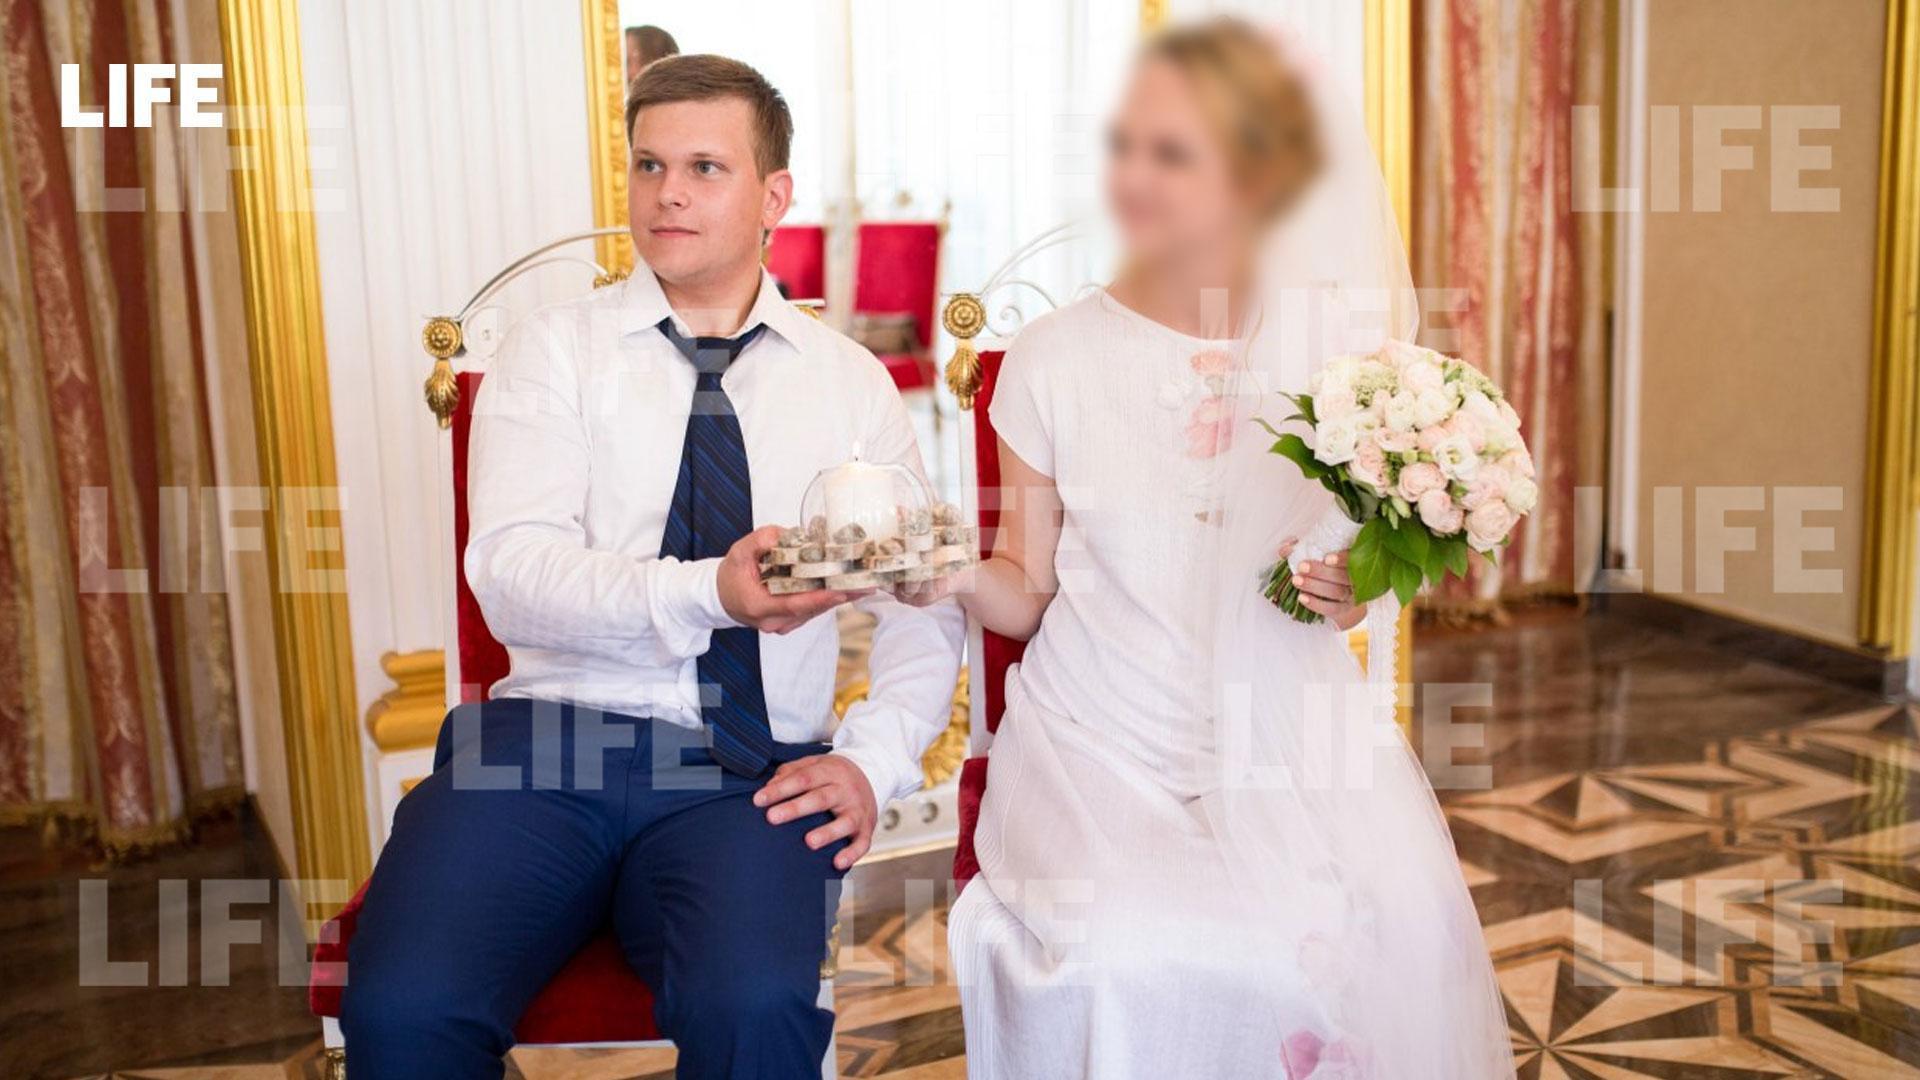 Житель Петербурга сознался, что убил и расчленил жену. Он заплакал на допросе